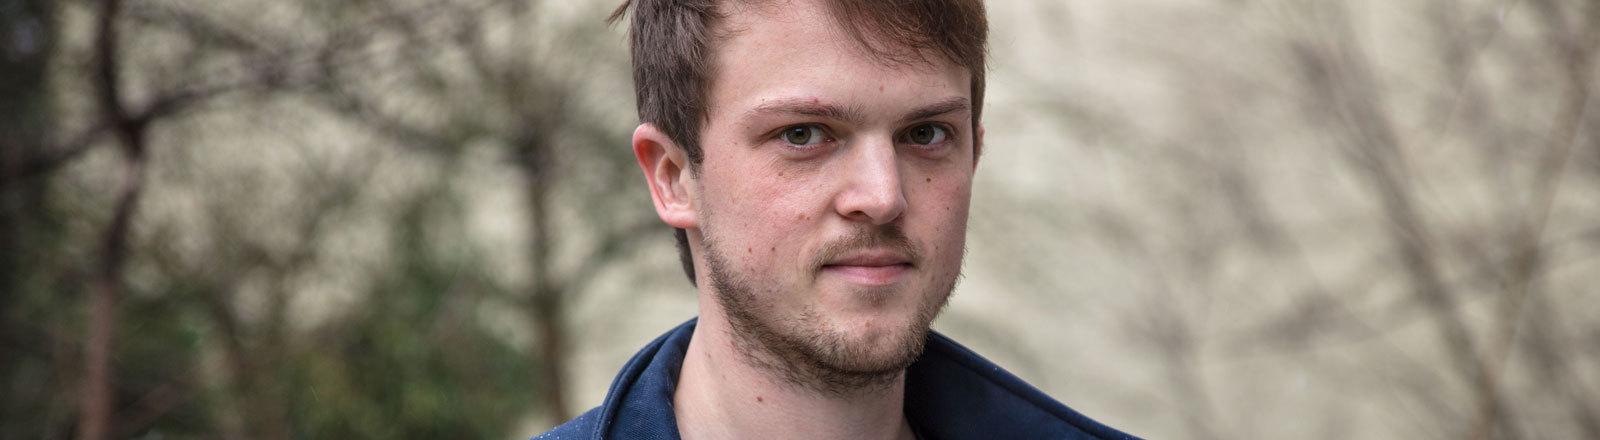 EU-Parlamentarier Erik Marquardt, 31 Jahre alt, für die Grünen in Brüssel.